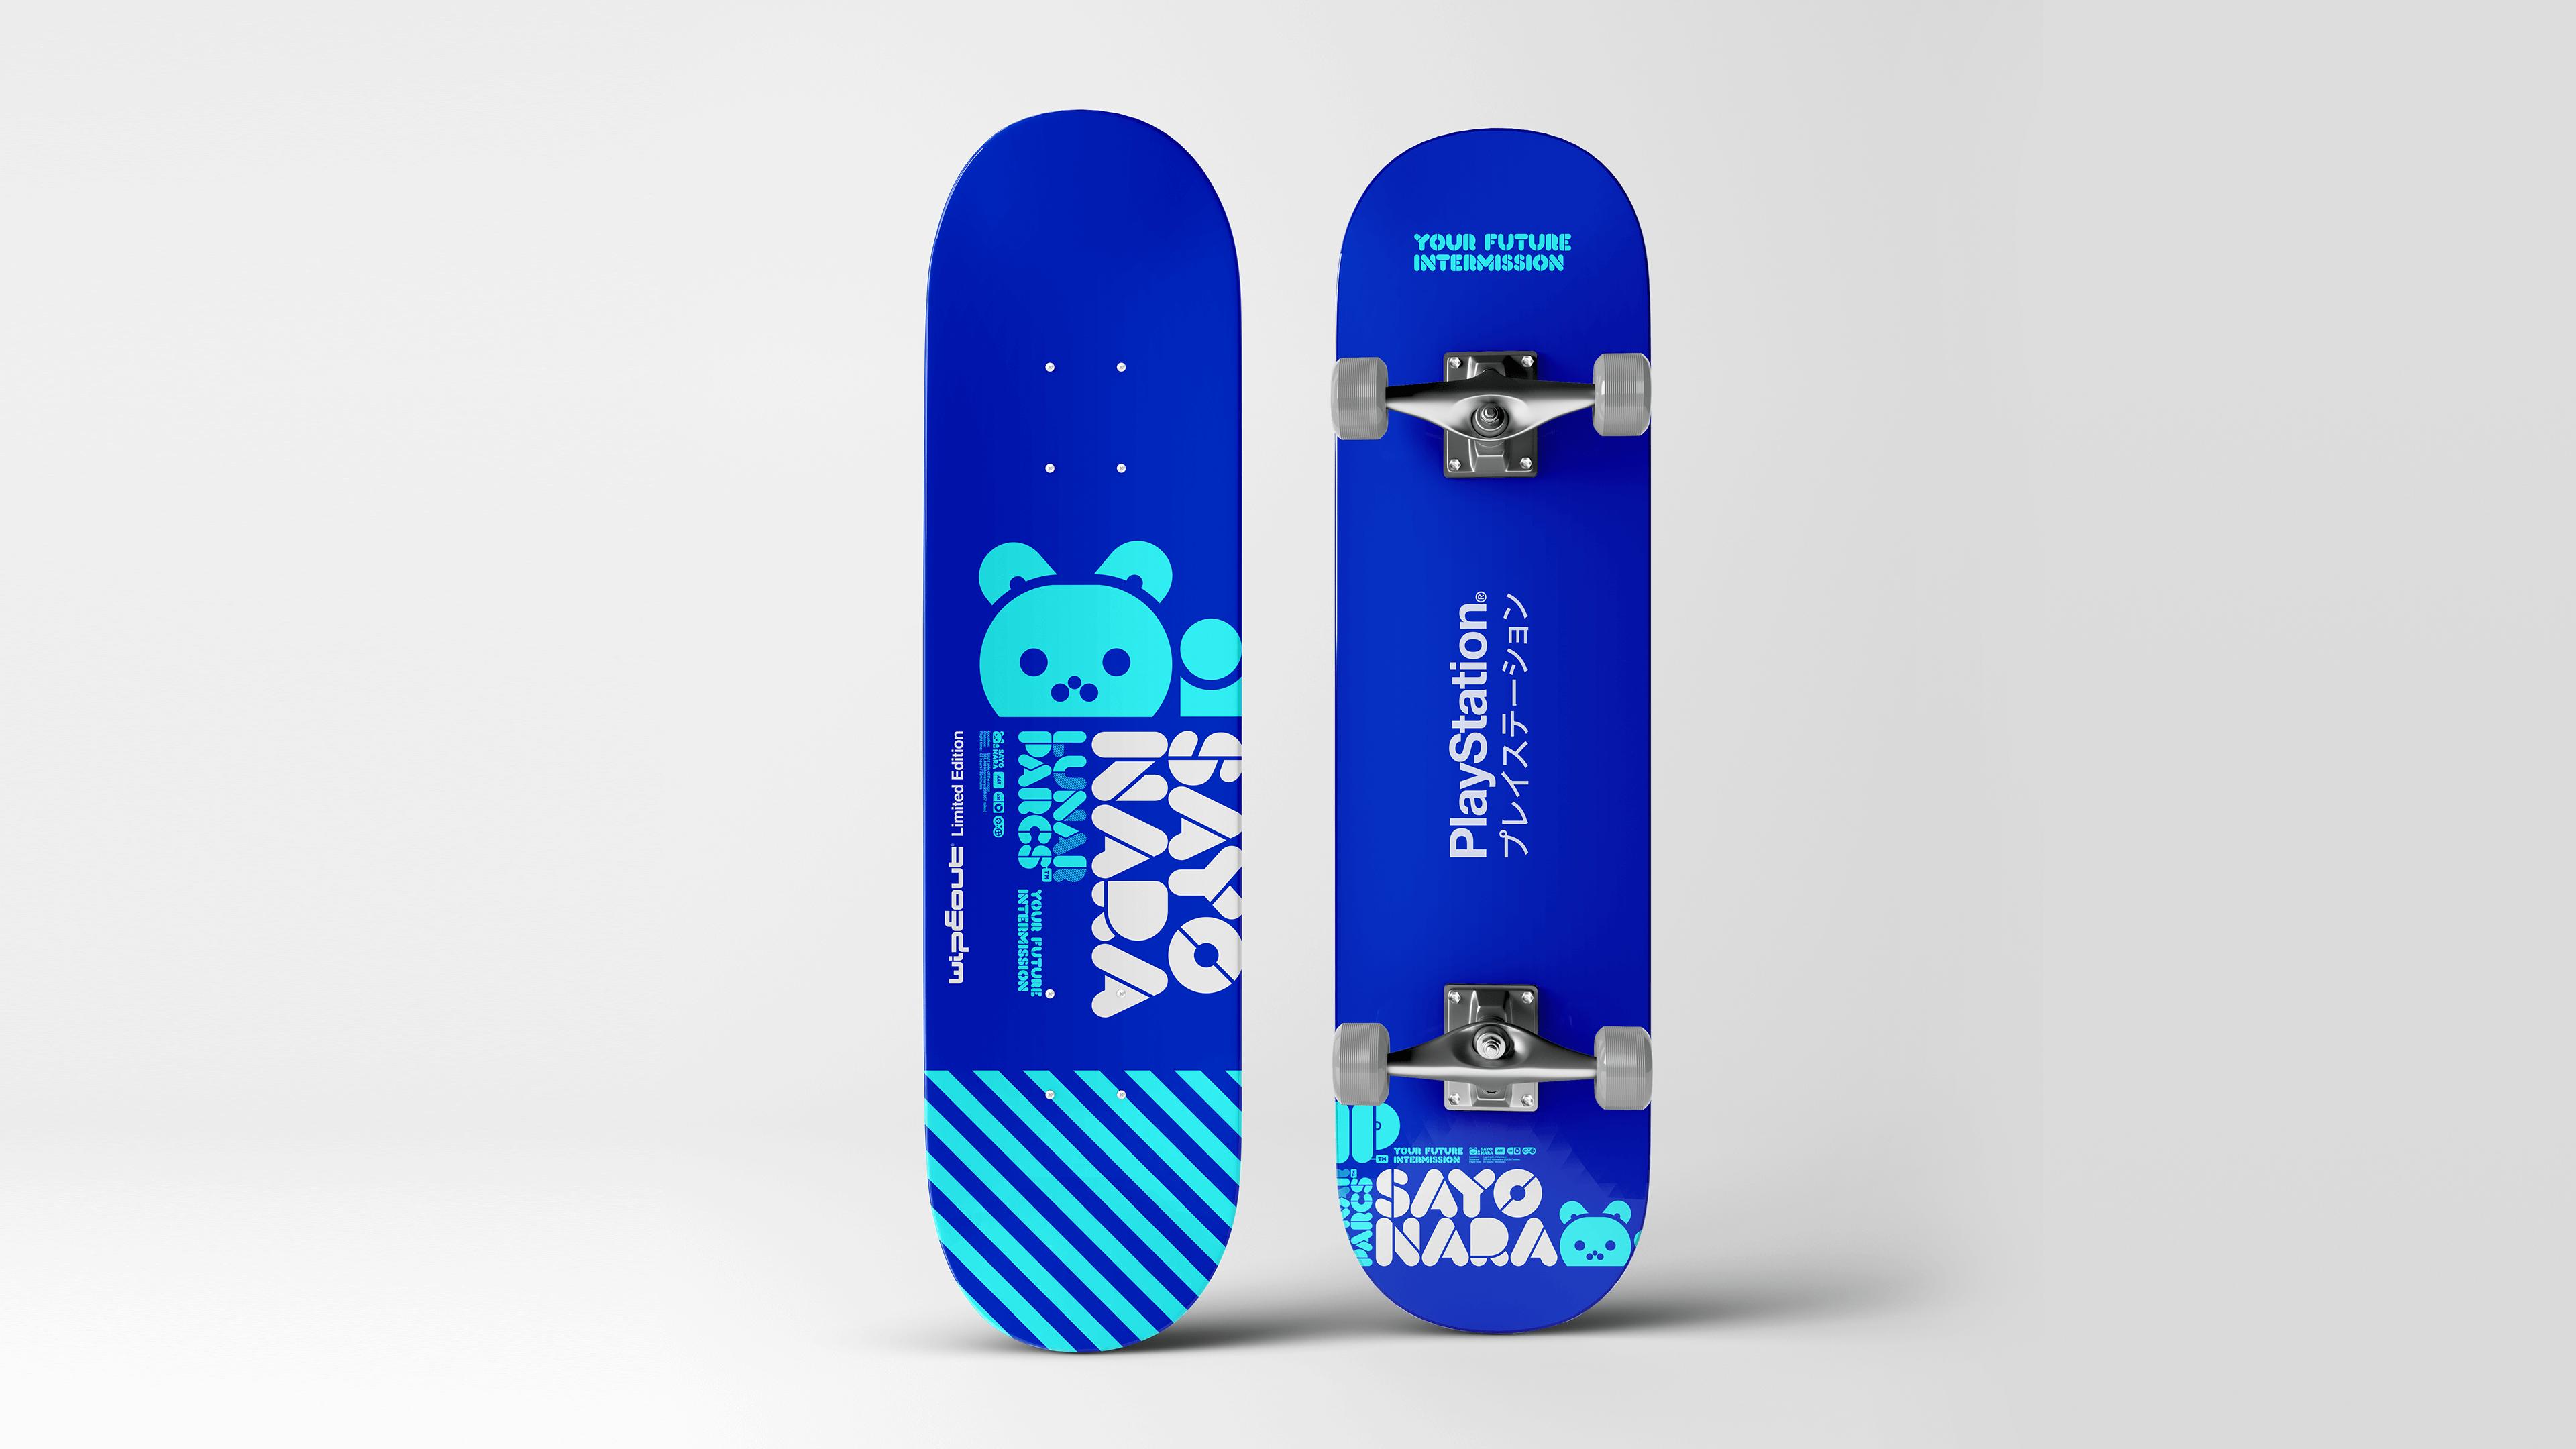 Skate_LunarParc2